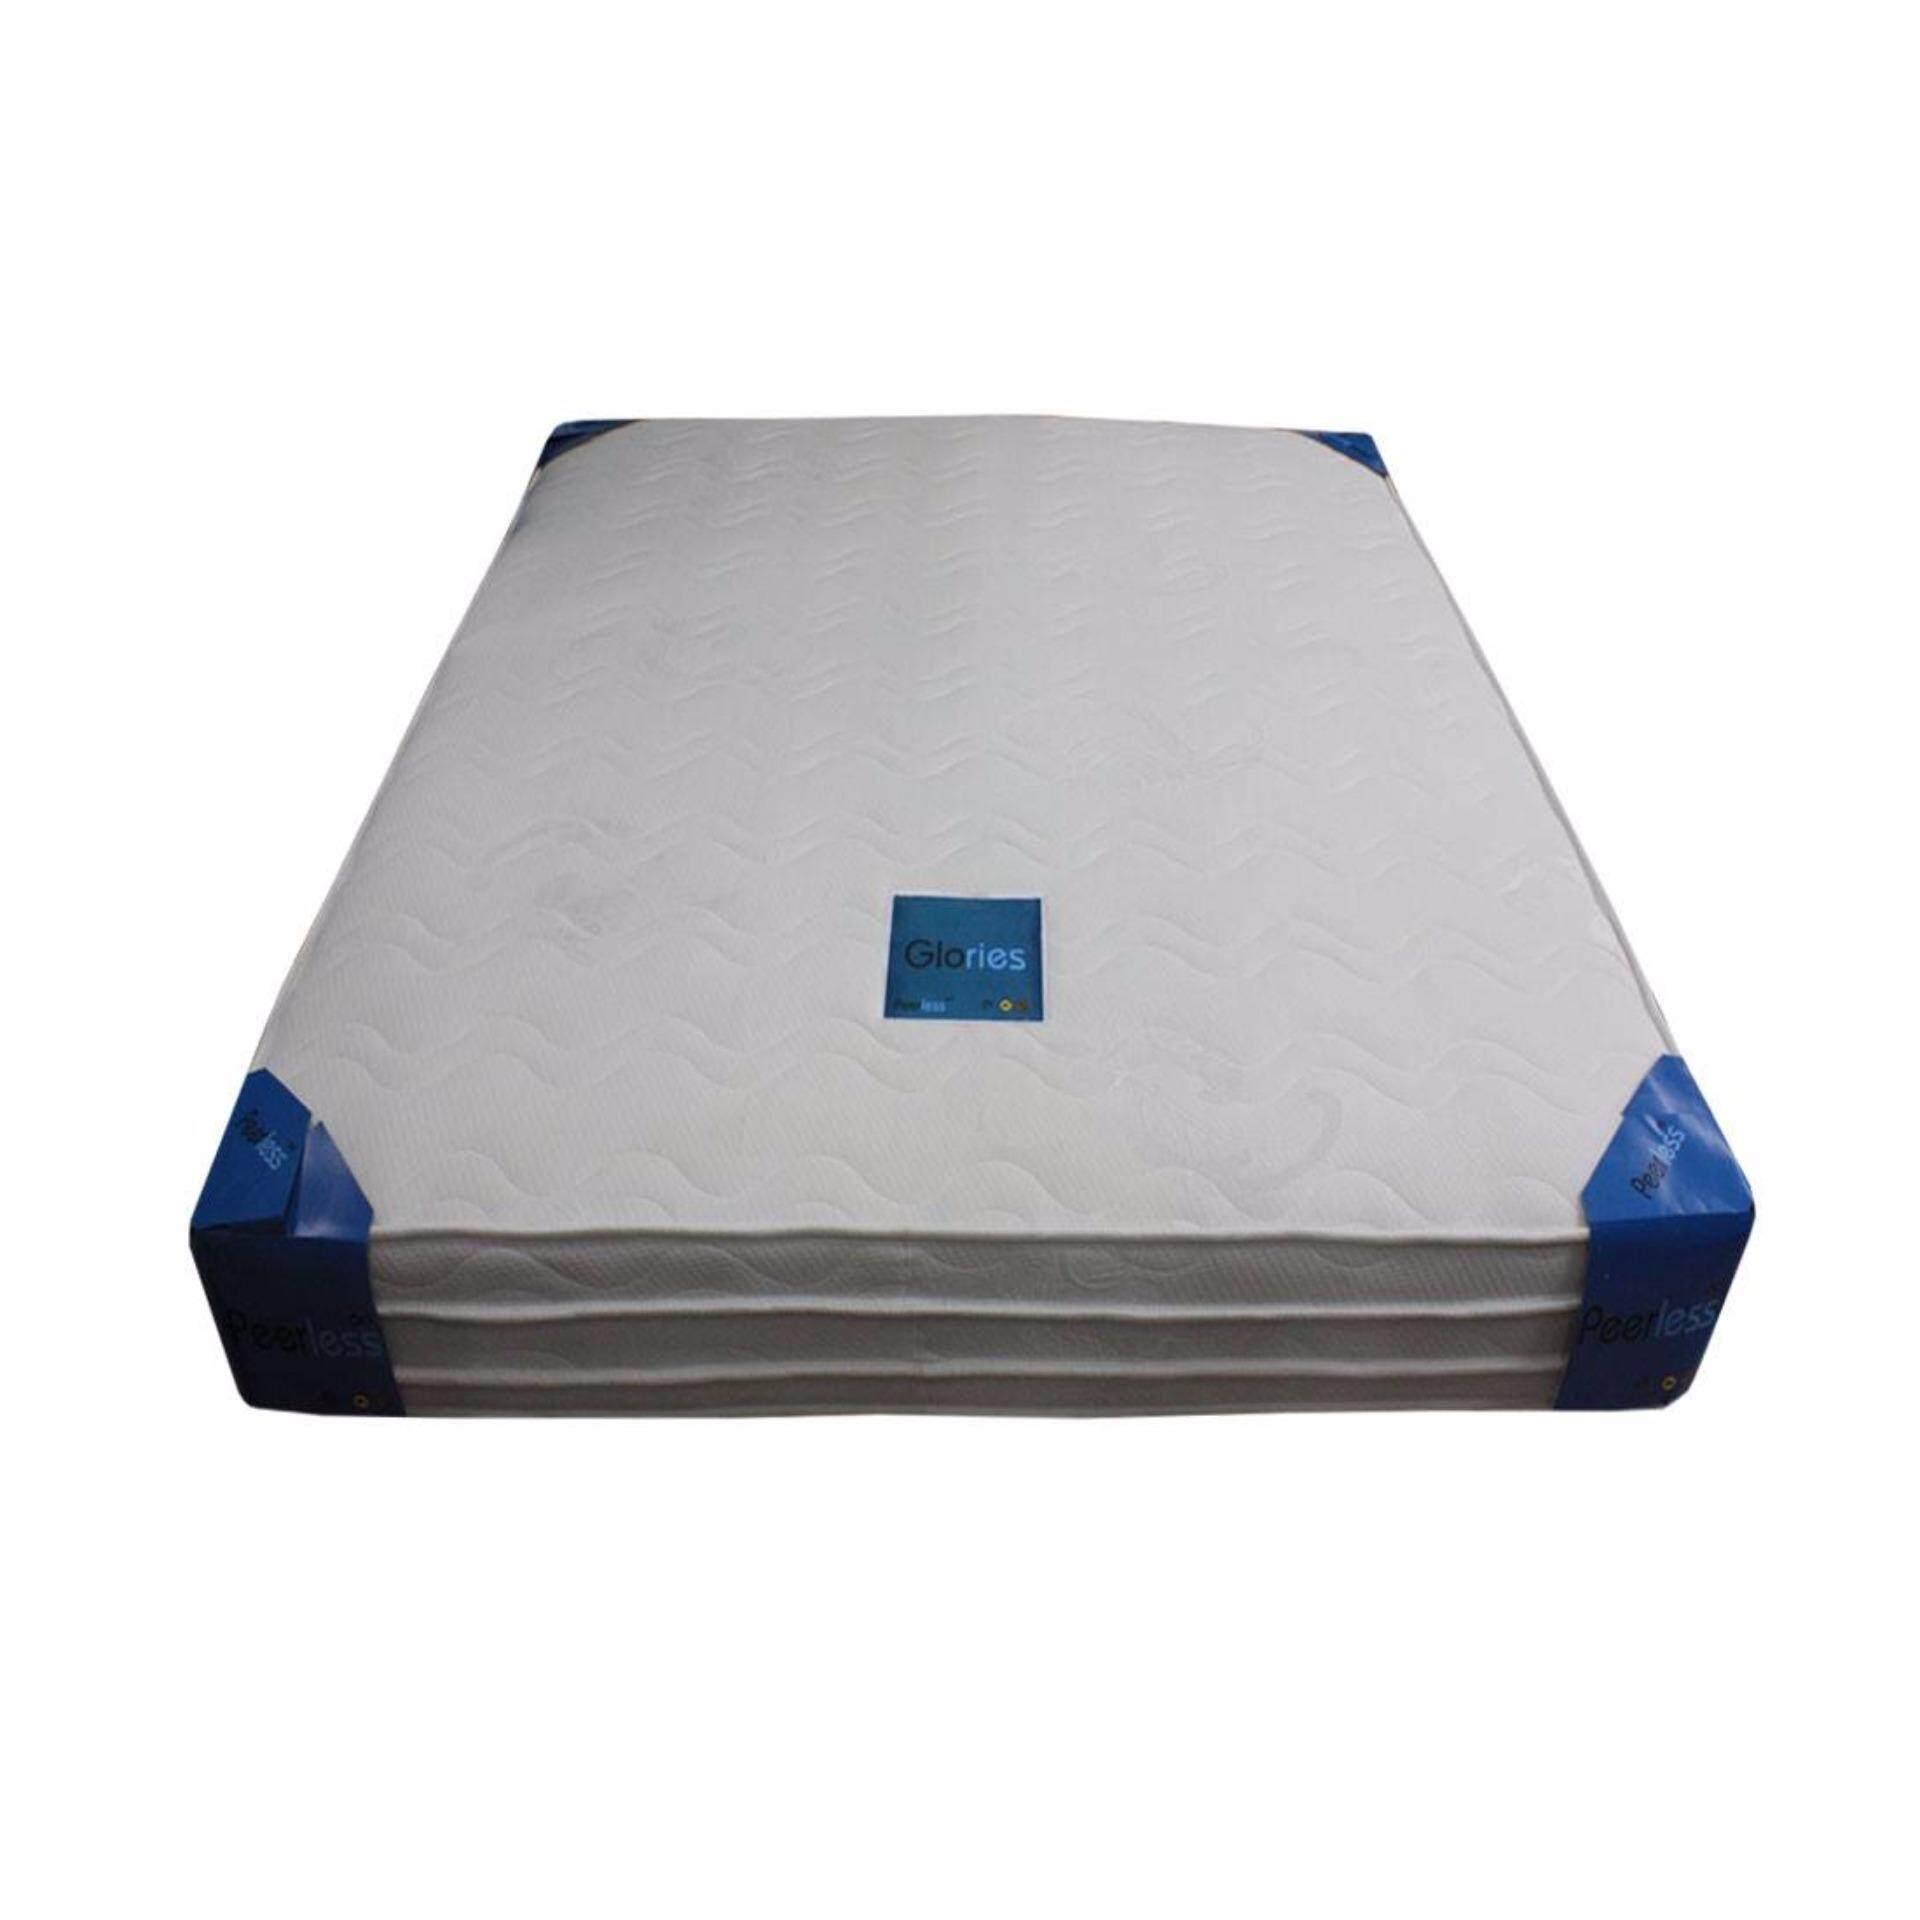 ขาย Peerless ที่นอน Double Top Conical Spring ขนาด 3 5 ฟุต รับประกัน 10 ปี รุ่น Passion 3 5 ส่งกรุงเทพฯและปริมณฑลเท่านั้น Daxton ผู้ค้าส่ง